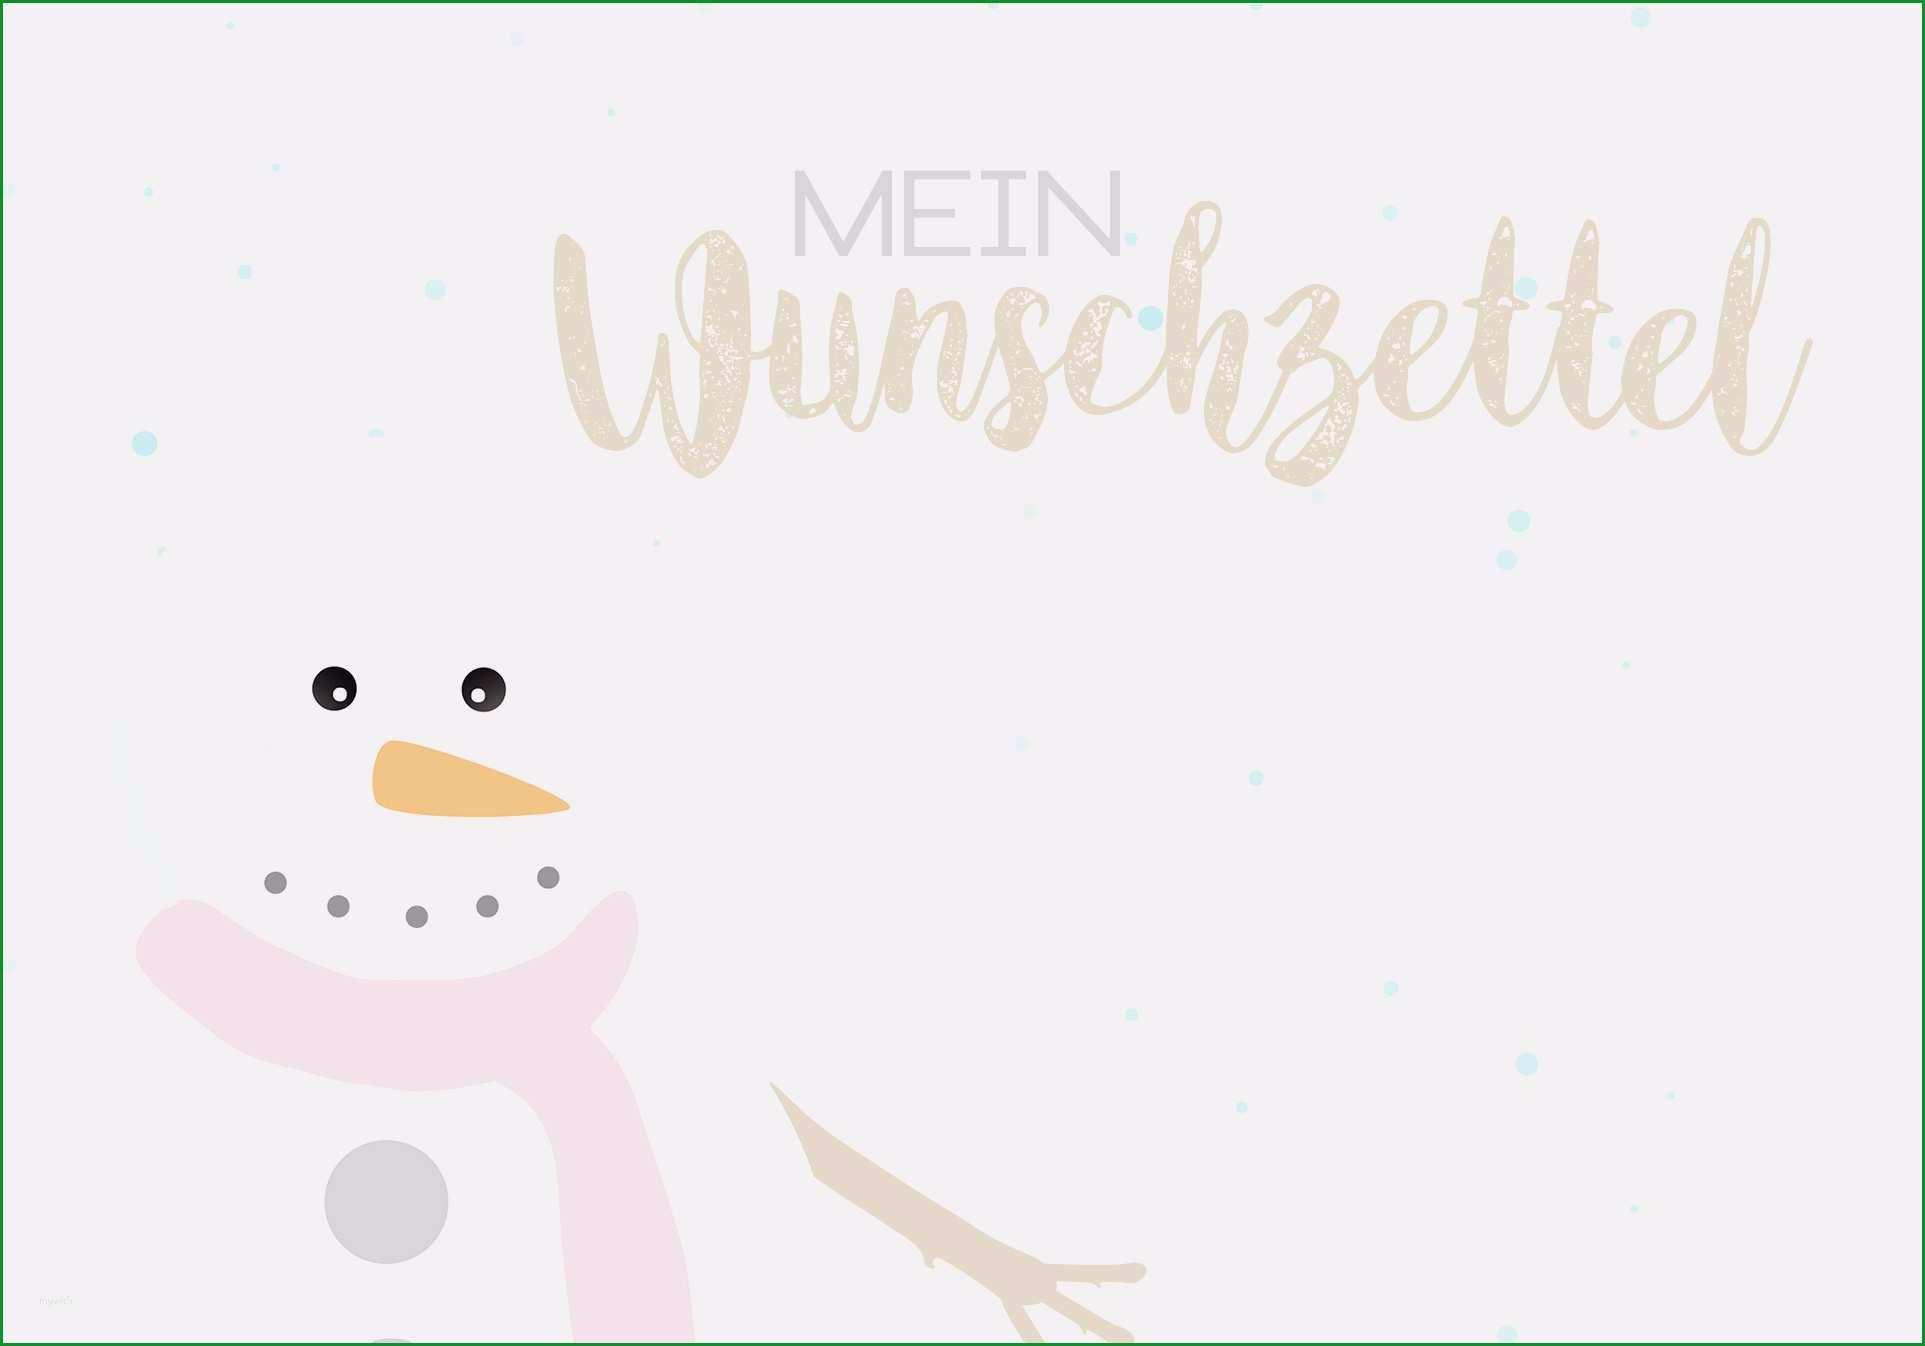 wunschzettel vorlage word hubsch funky weihnachtswunschzettel vorlagen motif fortsetzung